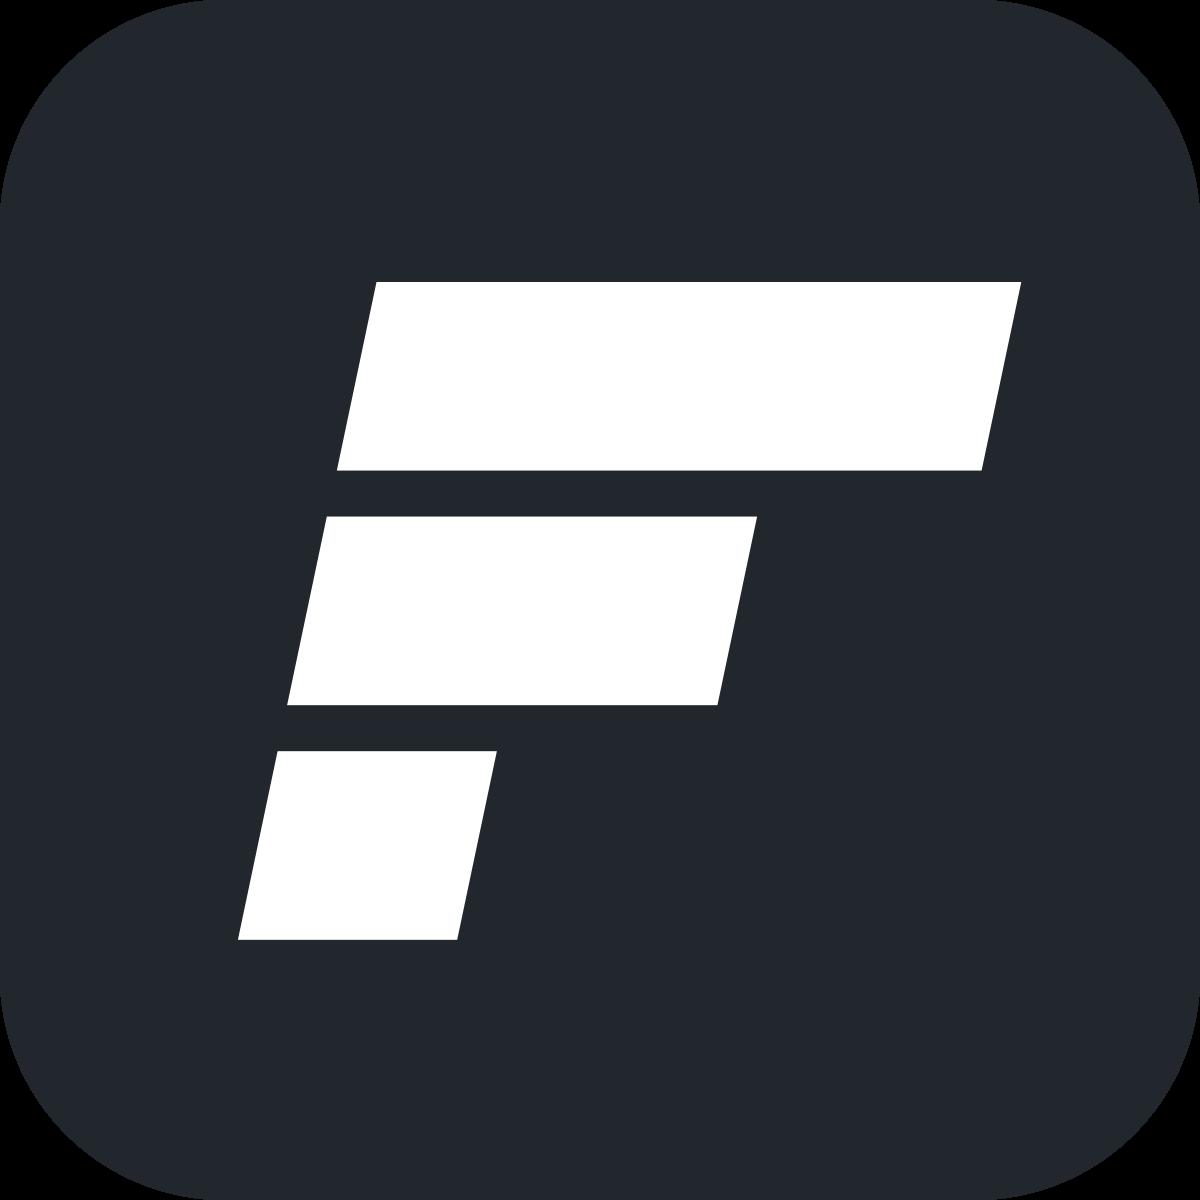 F_app_black.png